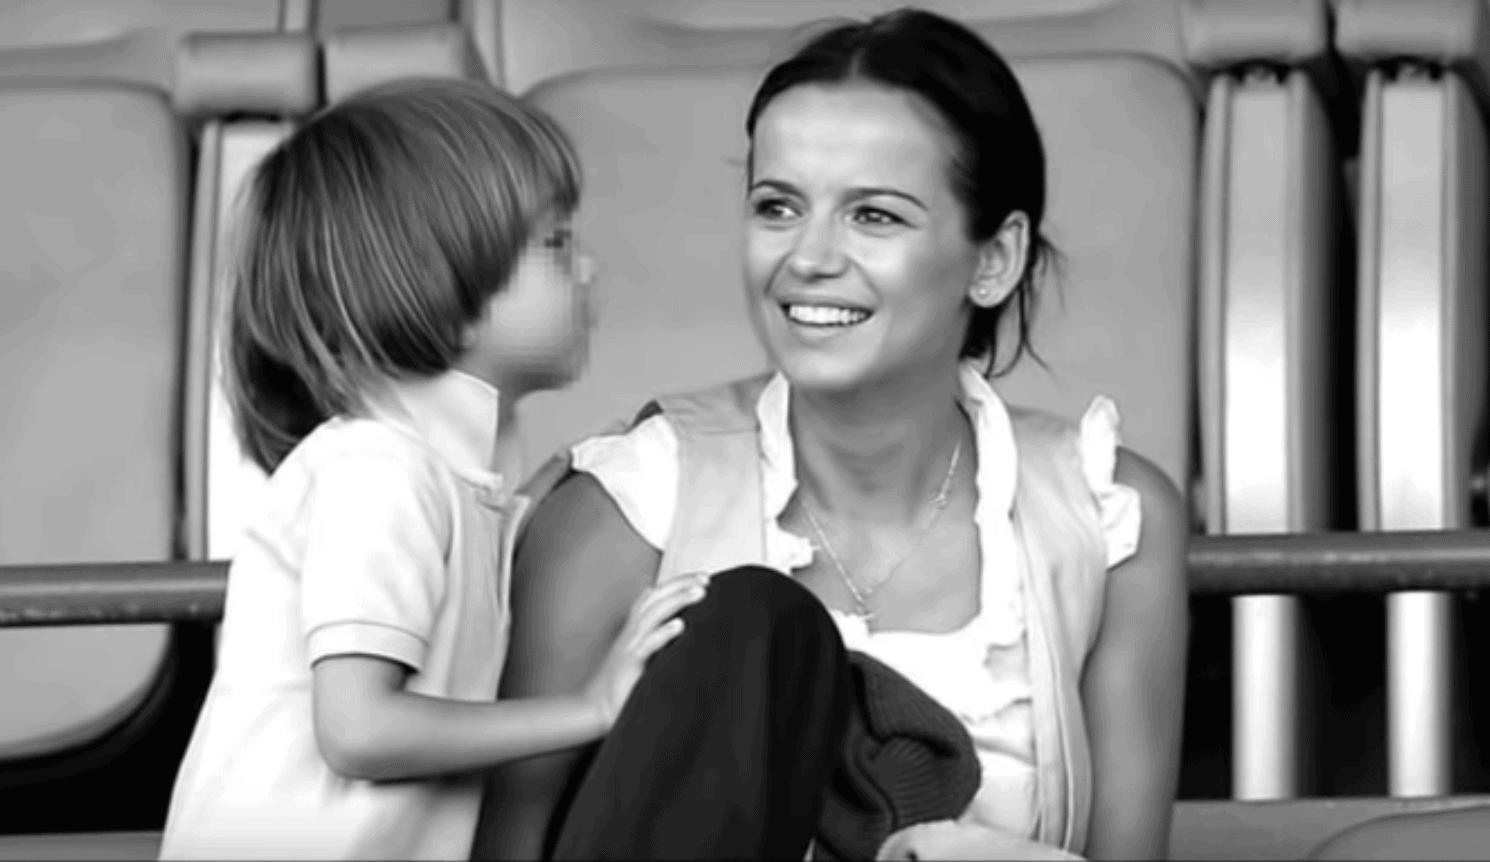 Tajemnica jaką skrywała Anna Przybylska (Złotopolscy, TVP) wychodzi na jaw. Jak radzi sobie po jej śmierci rodzina, Jarosław Bieniuk i ich córka Oliwia.